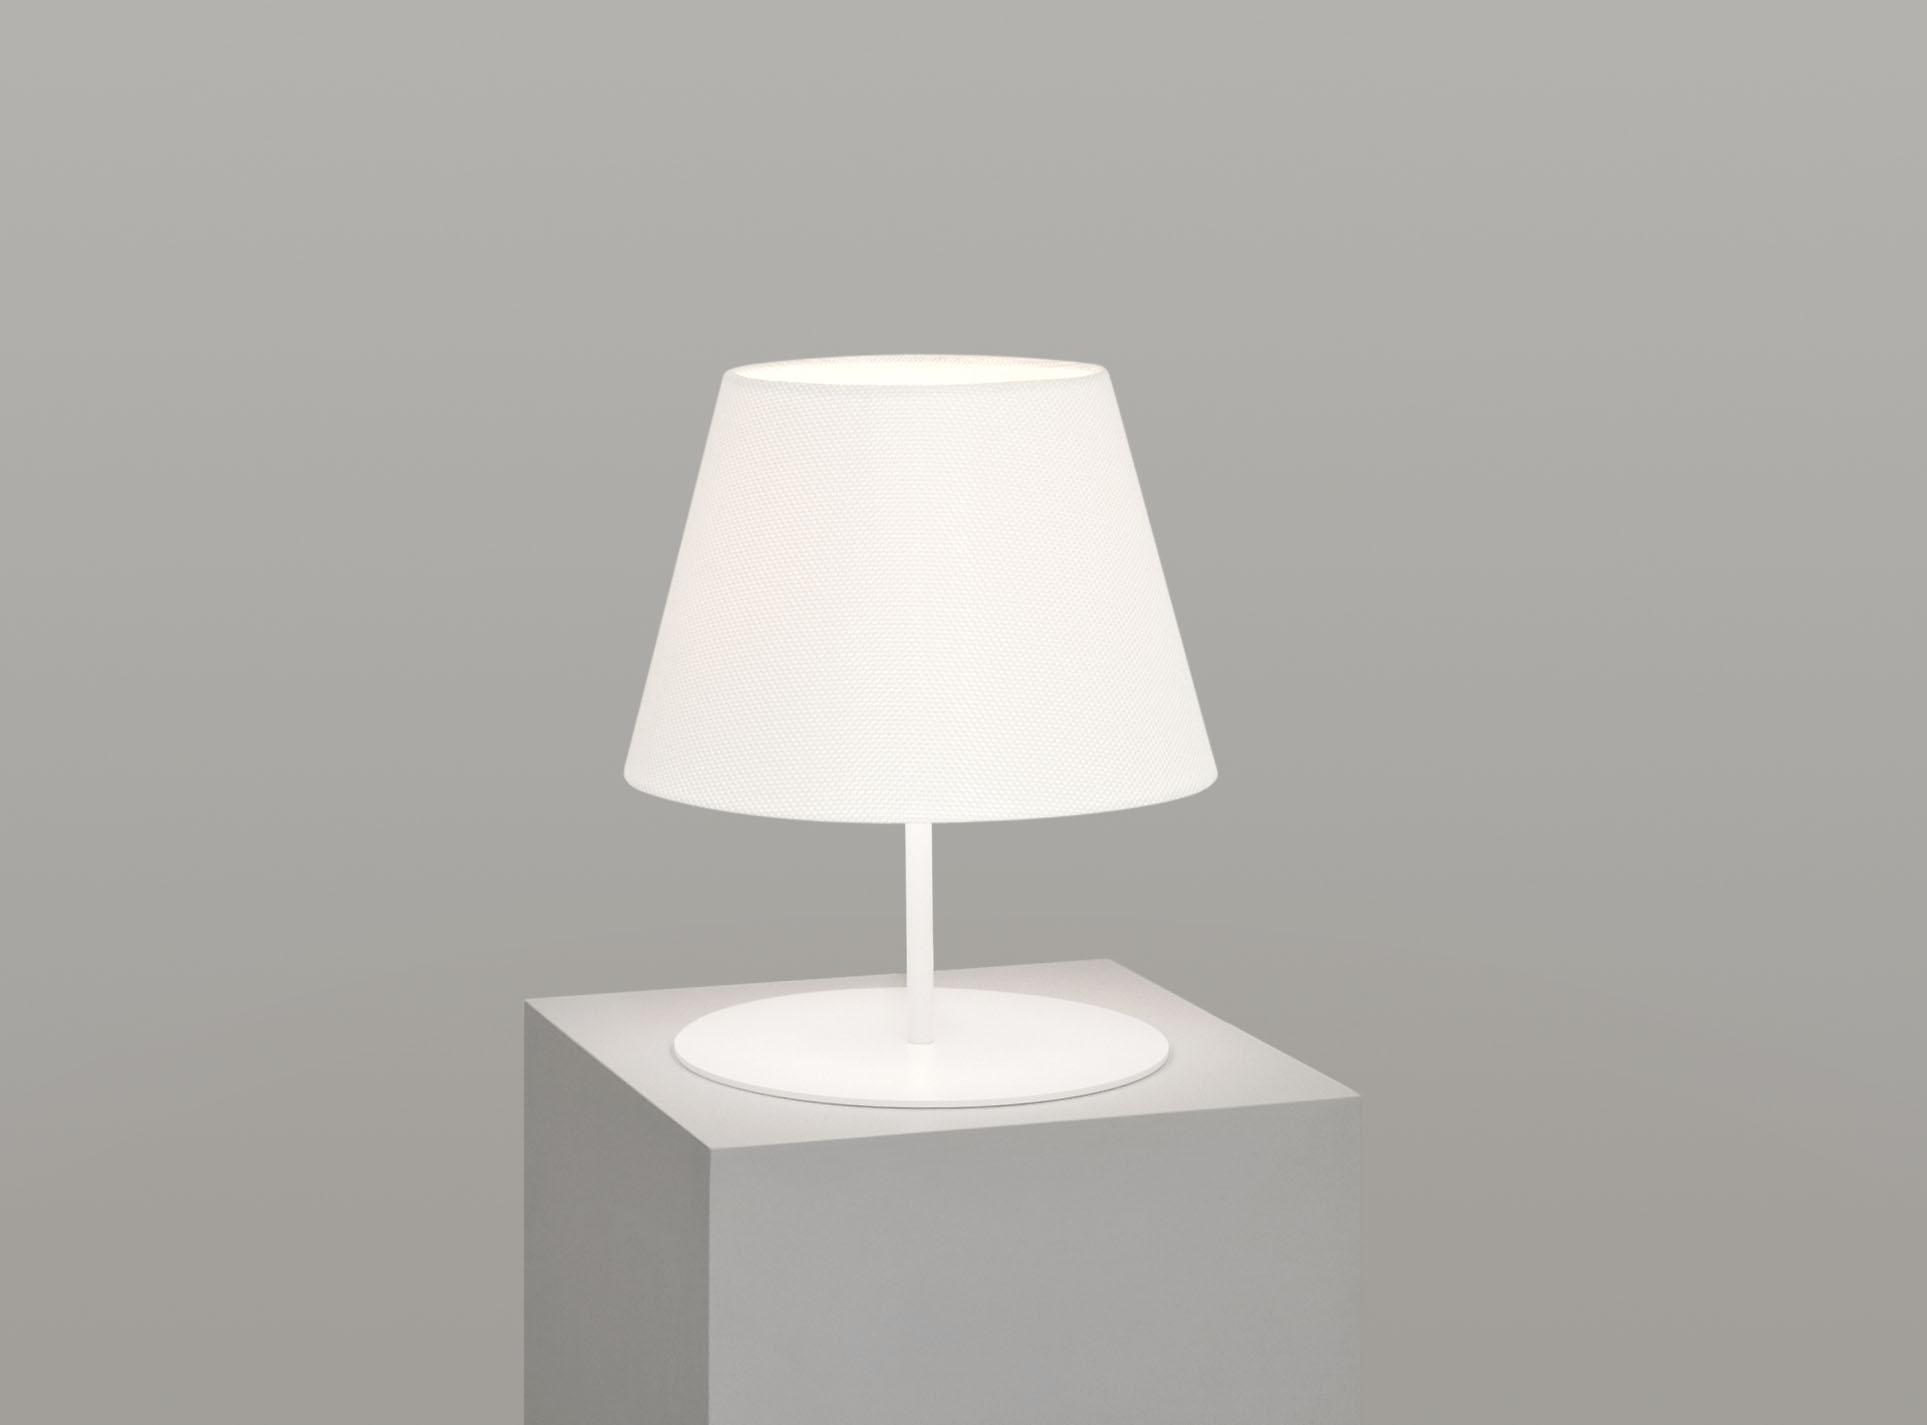 pegasus_lamp_white_base_ivory.jpg